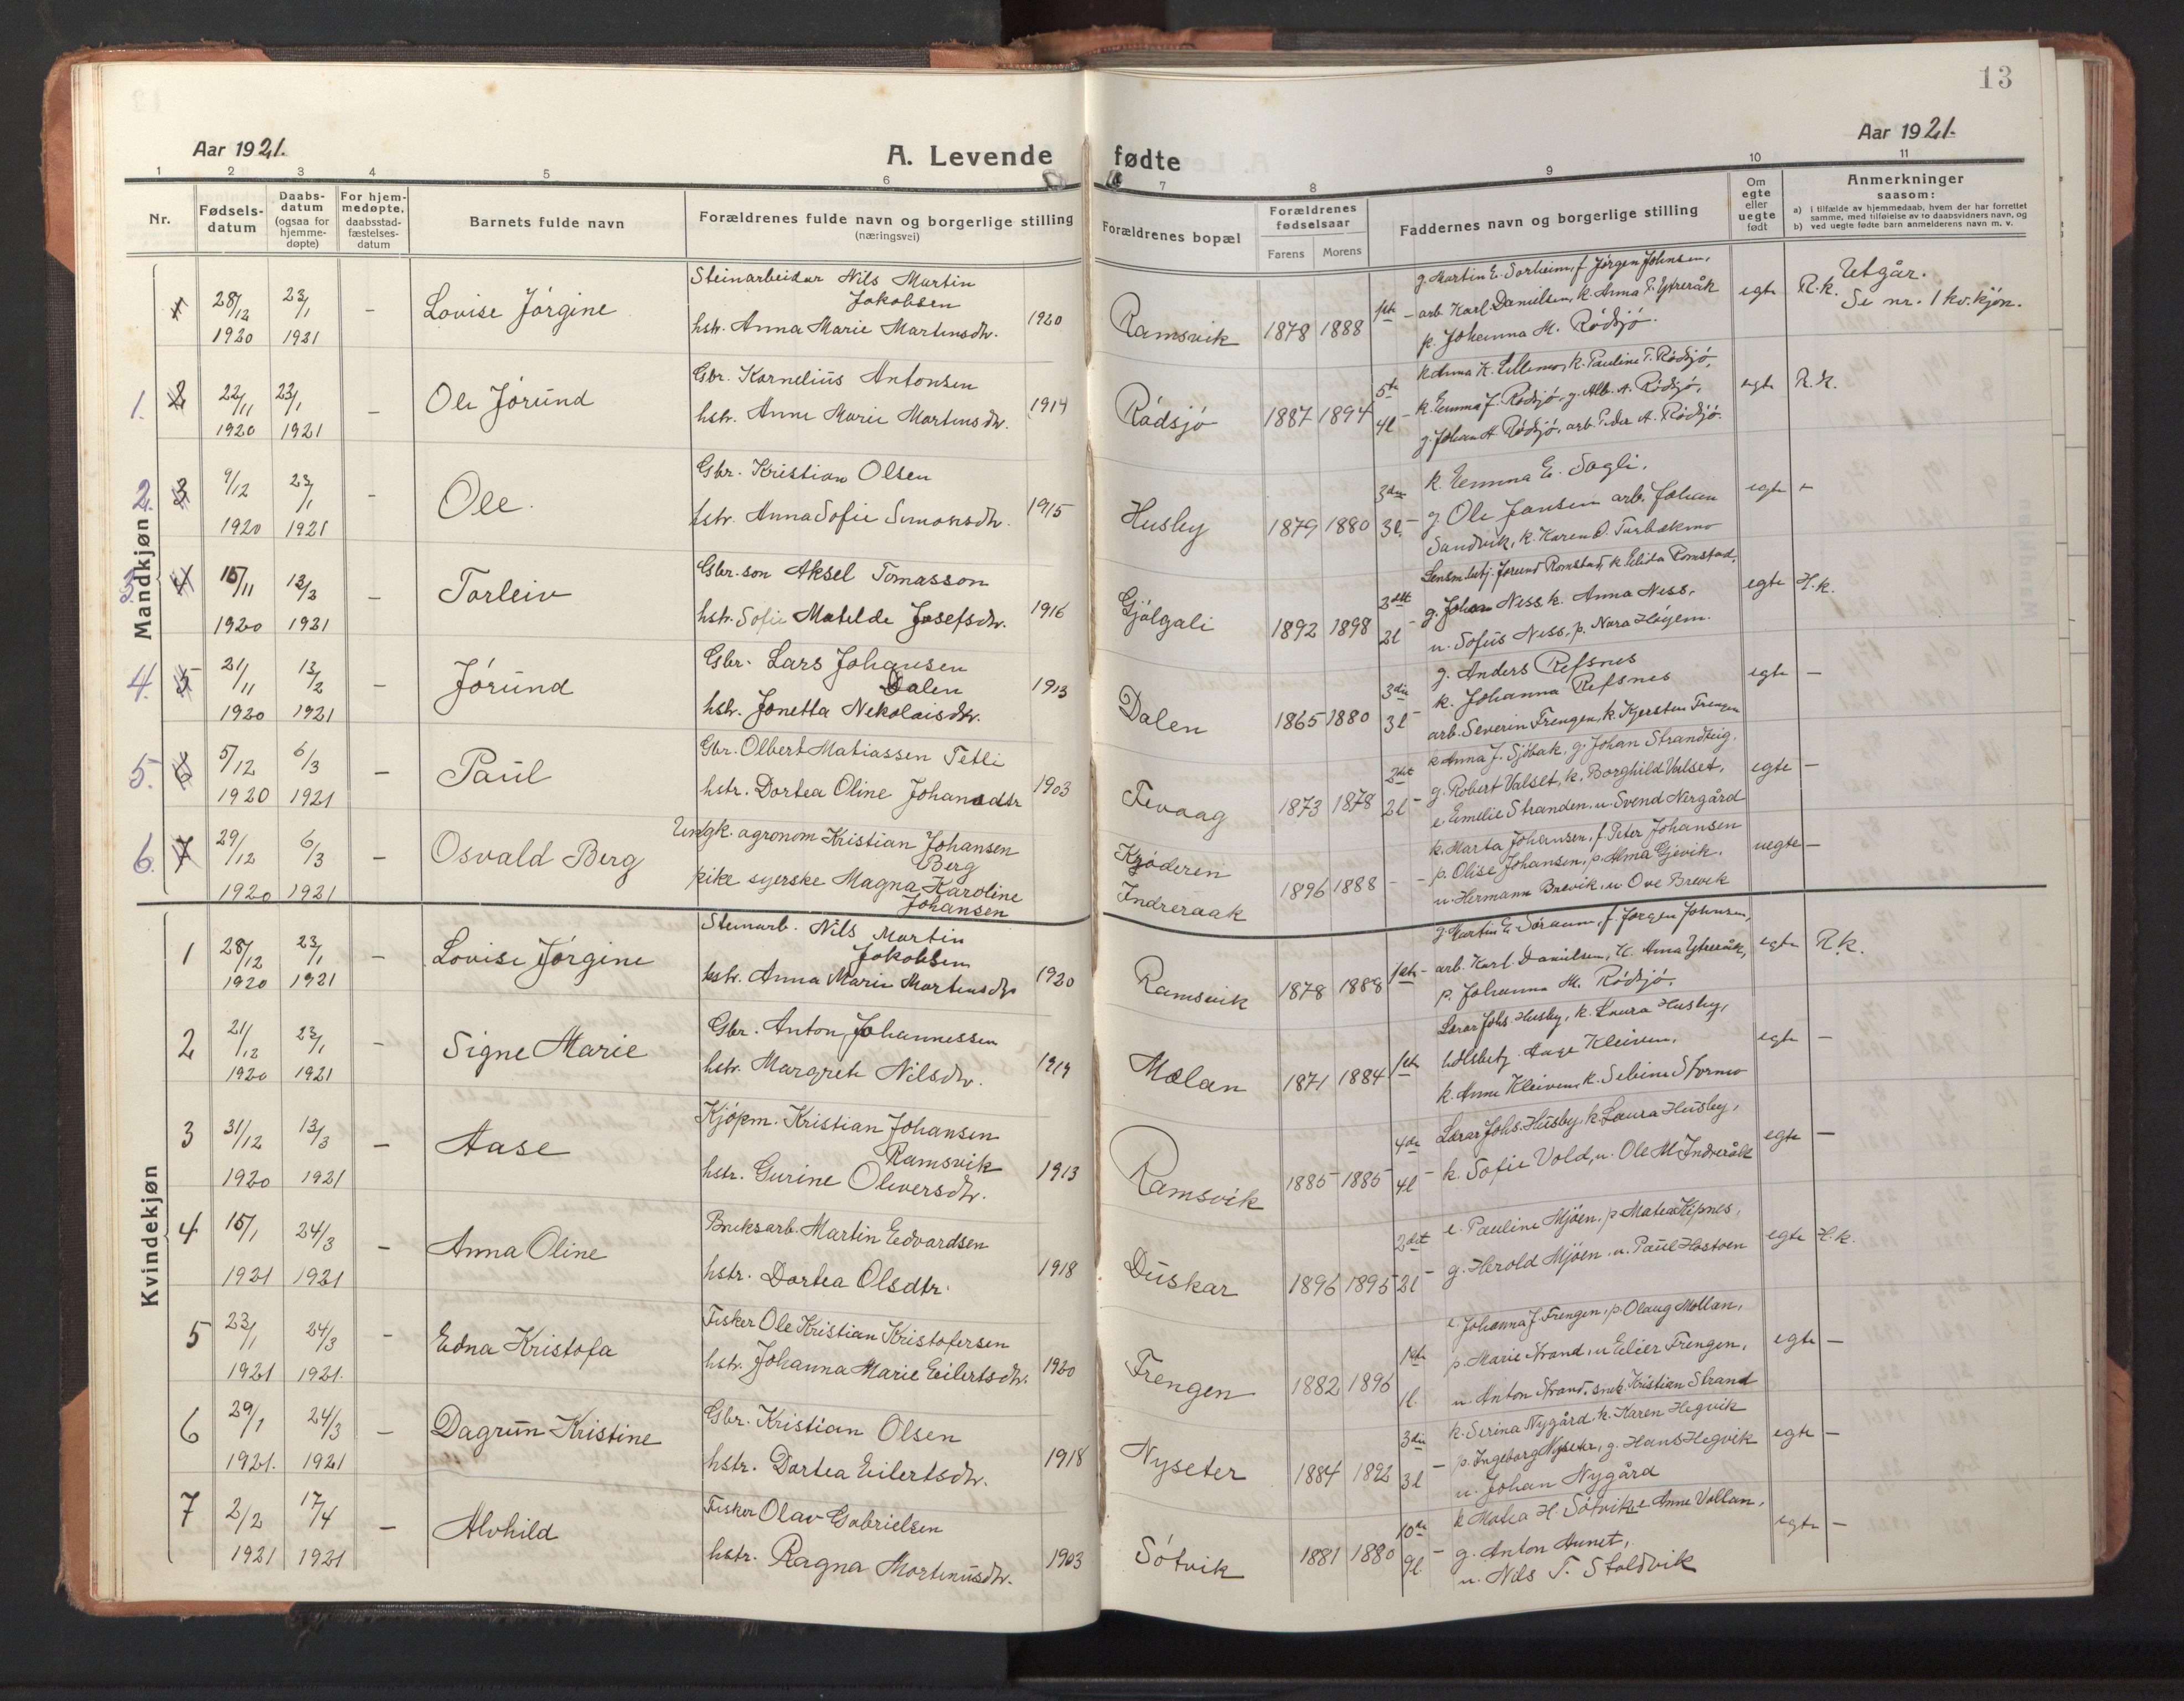 SAT, Ministerialprotokoller, klokkerbøker og fødselsregistre - Sør-Trøndelag, 653/L0658: Klokkerbok nr. 653C02, 1919-1947, s. 13